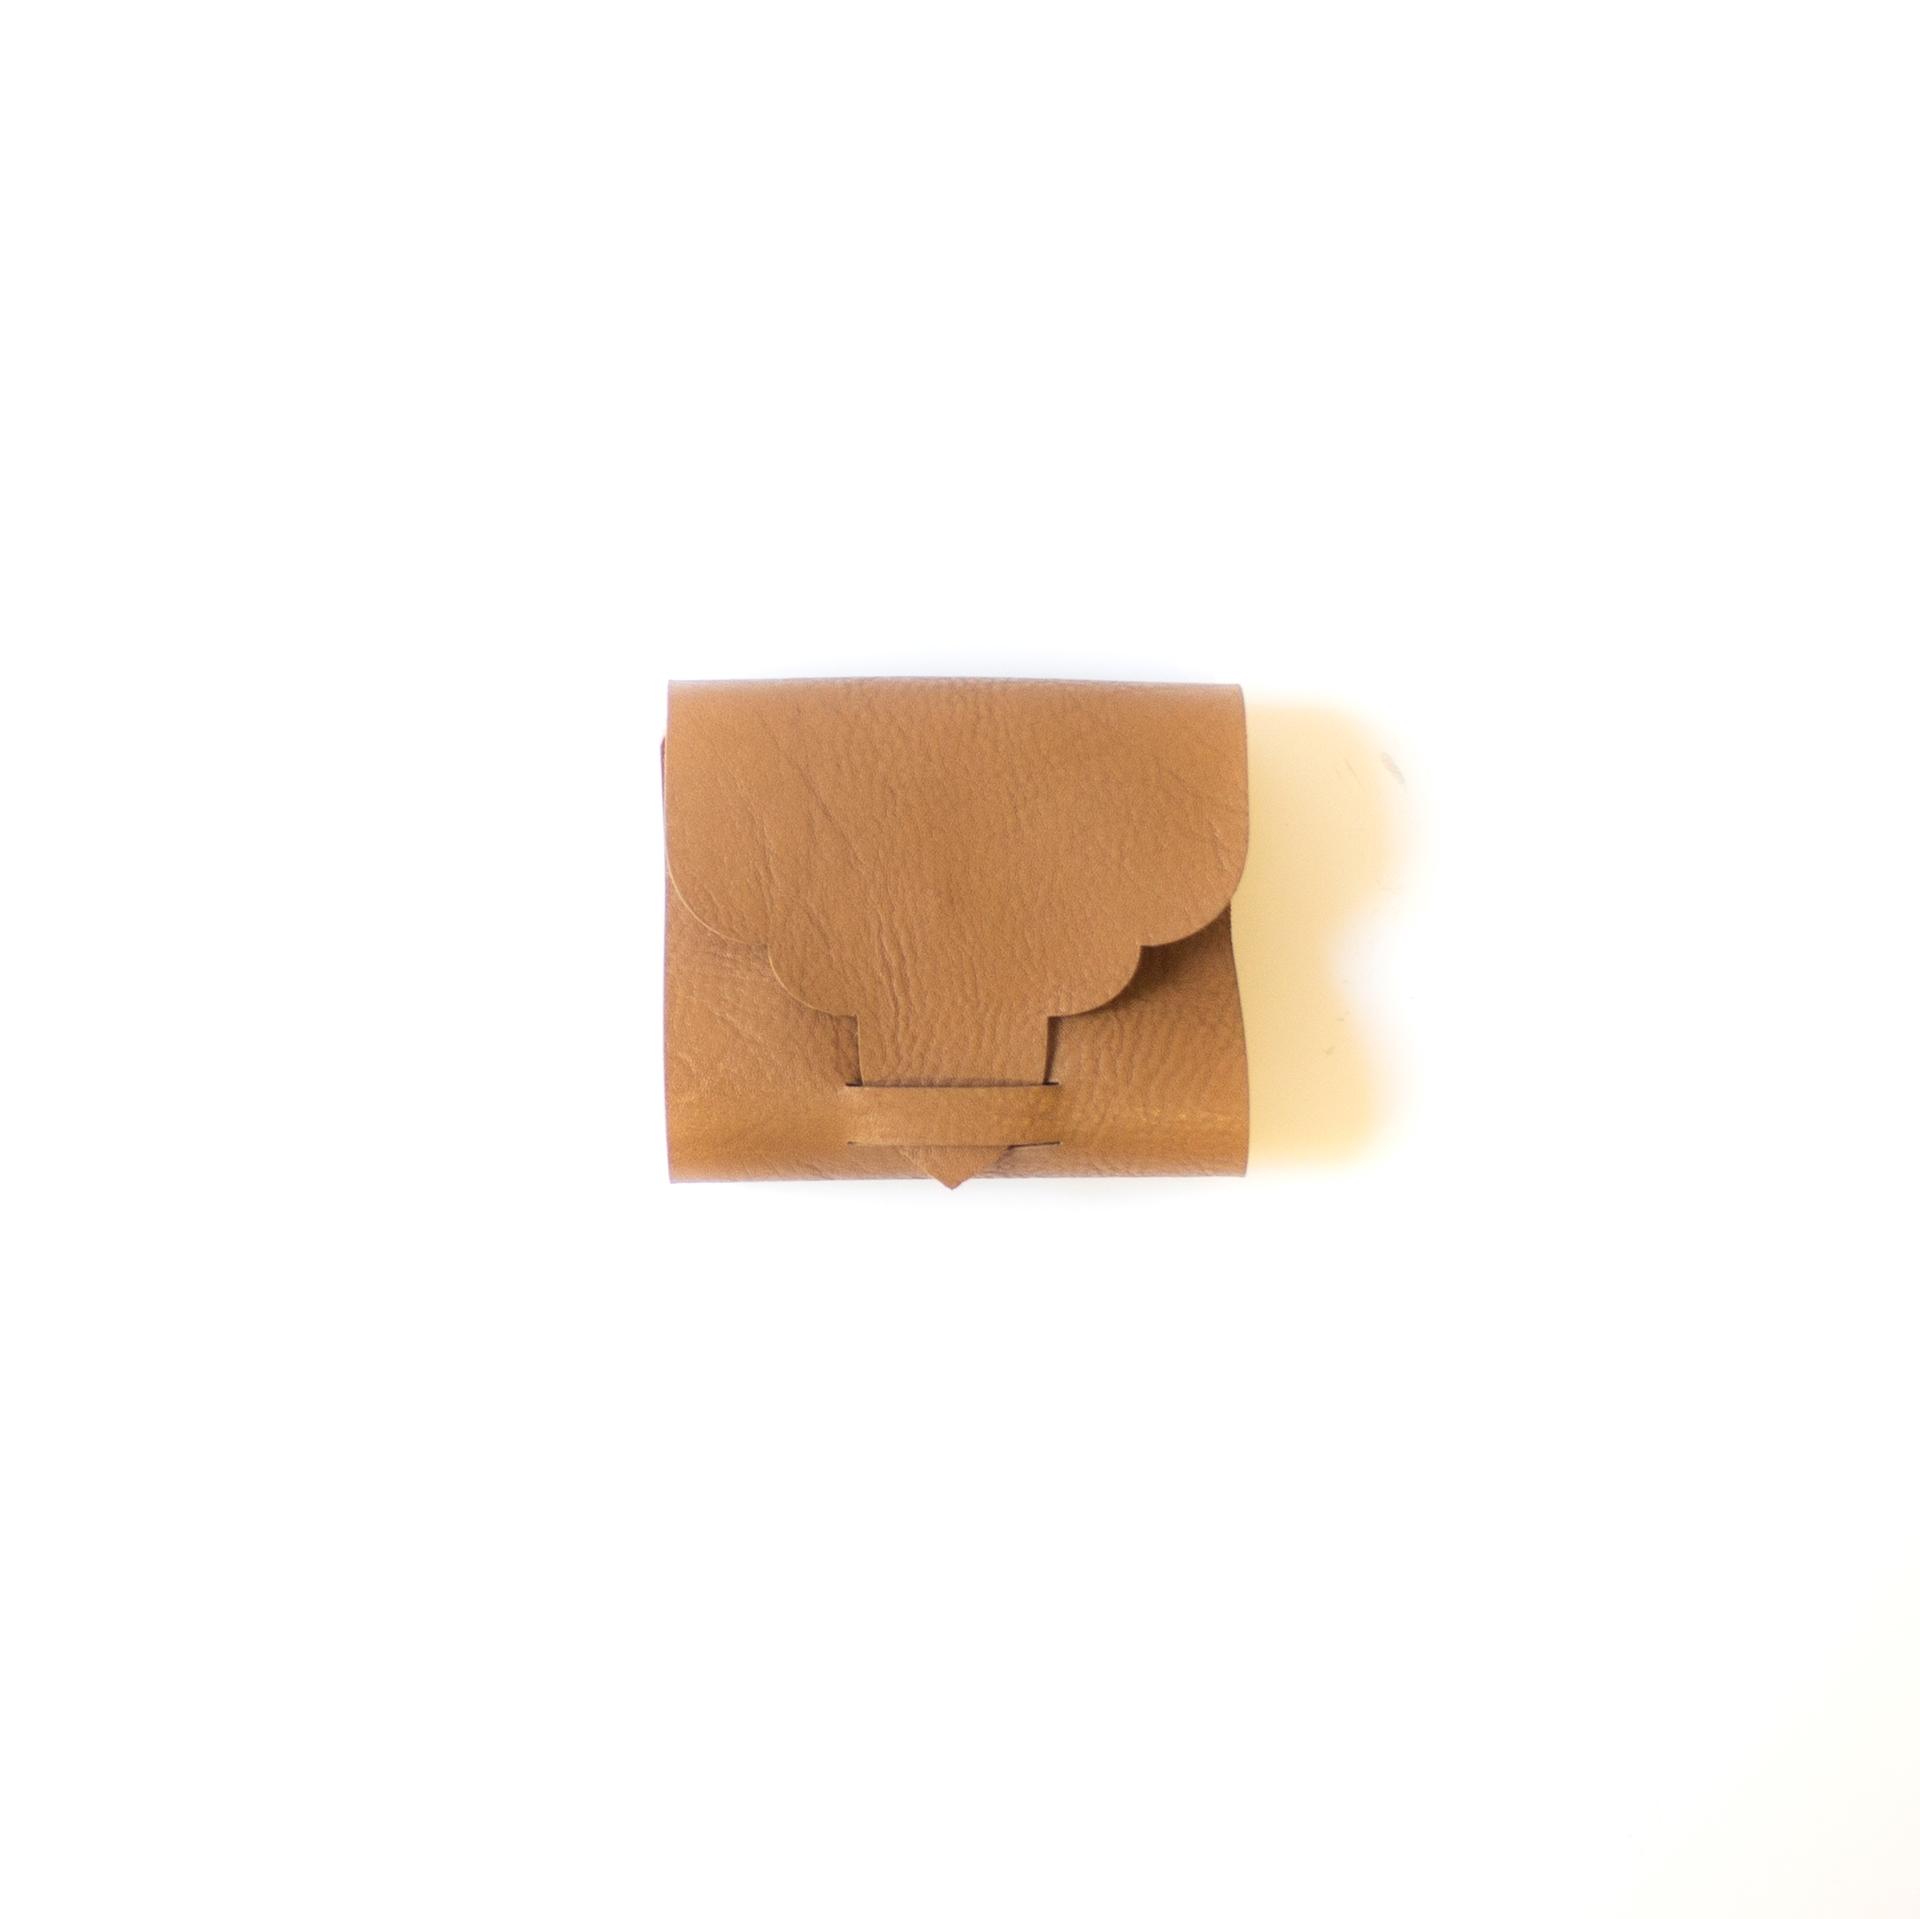 تصویر از جانماز همراه چرمی